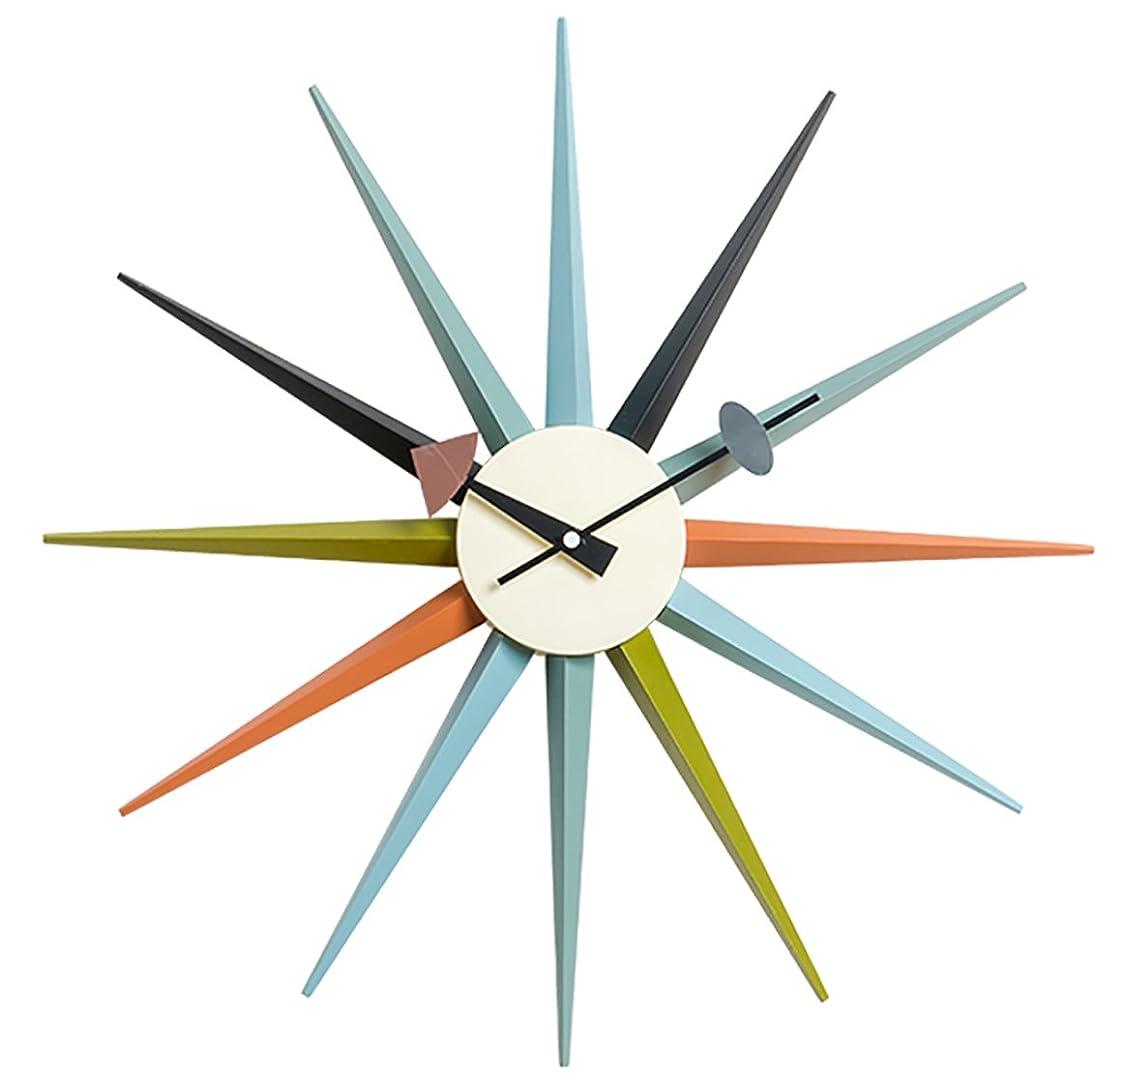 消える禁止どんよりしたMLF®サンバーストクロック マルチカラー ジョージ ネルソン デザイナー壁時計